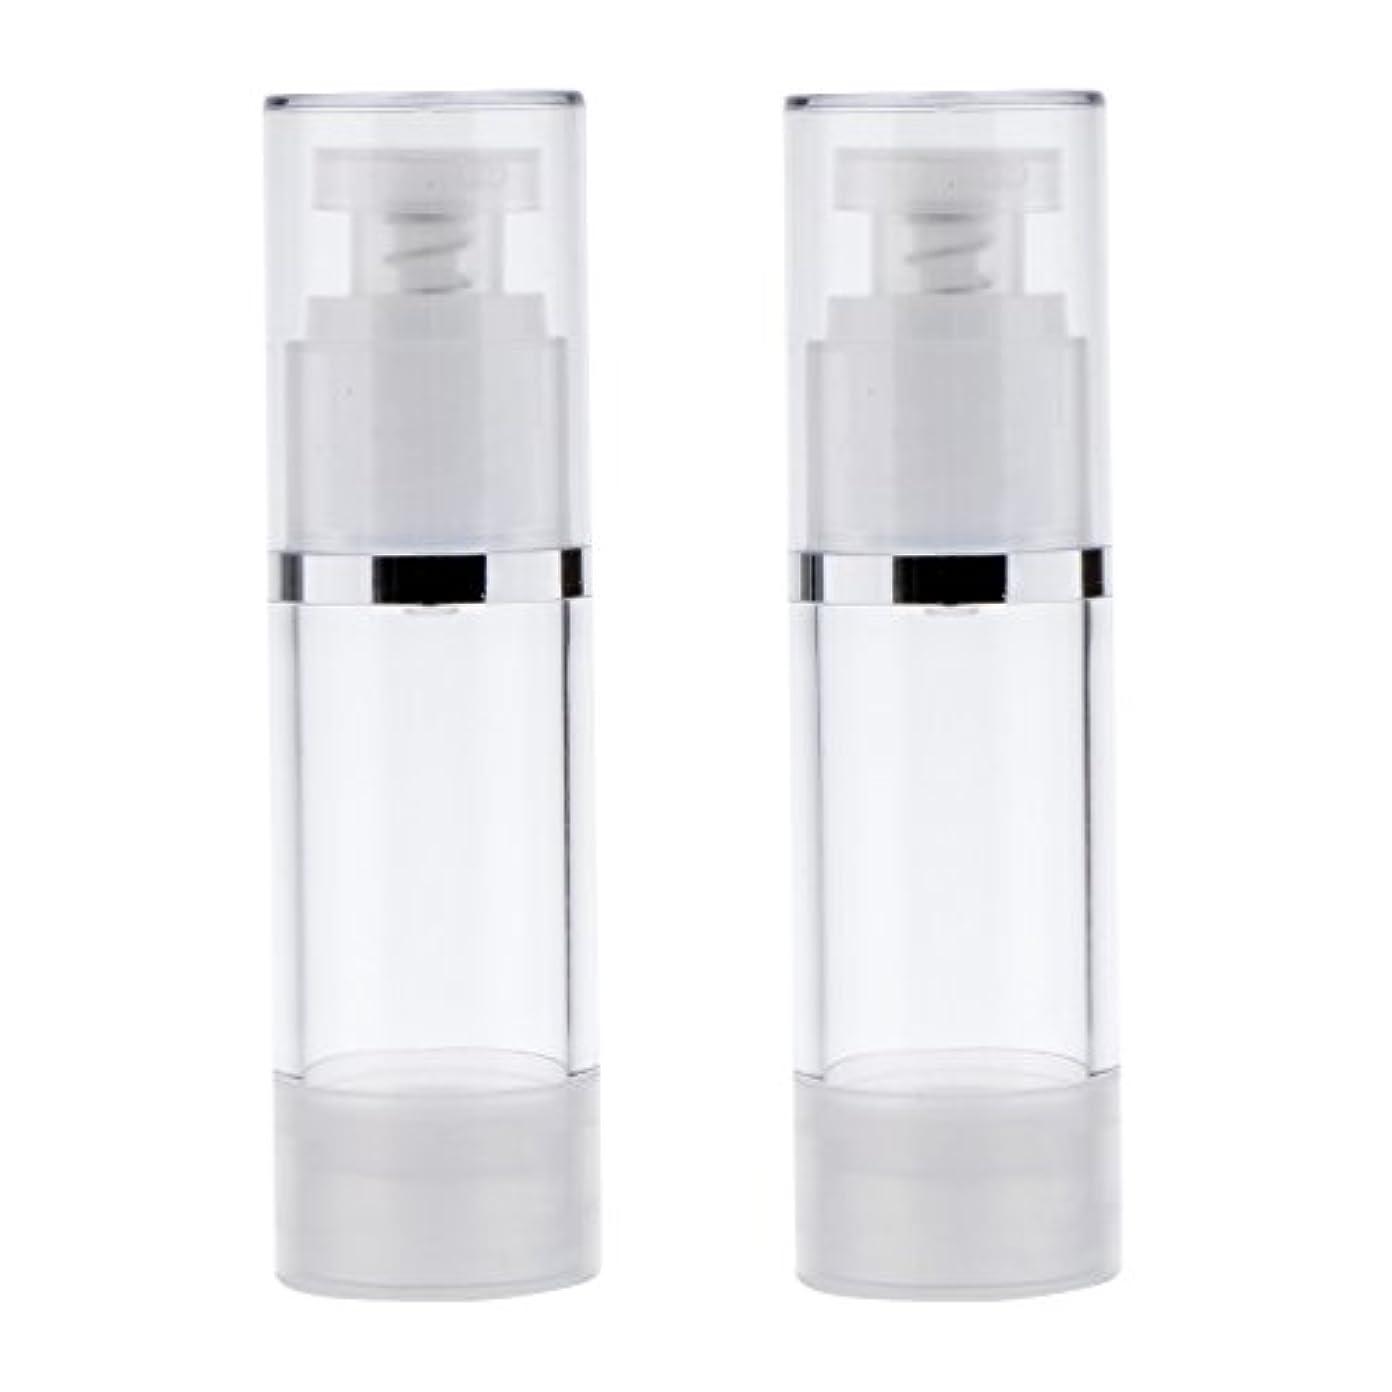 姓特殊山岳2個 ポンプボトル ポンプチューブ エアレスボトル ディスペンサー コスメ 詰替えボトル 旅行小物 出張 3サイズ選べる - 30ml